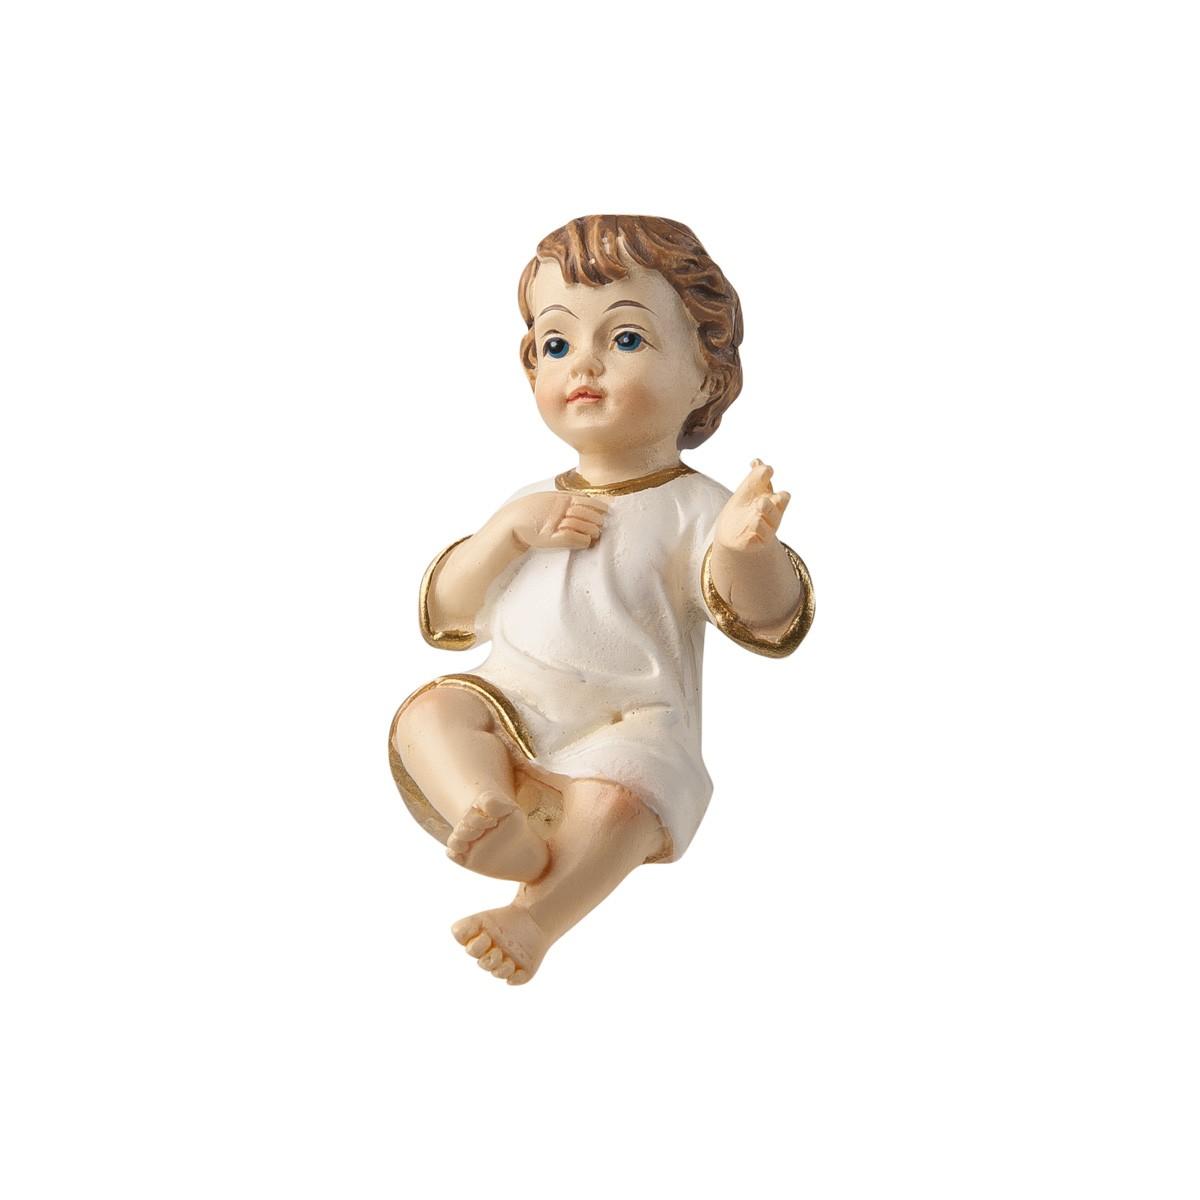 Statuetta Gesù Bambino Con Veste Bianca